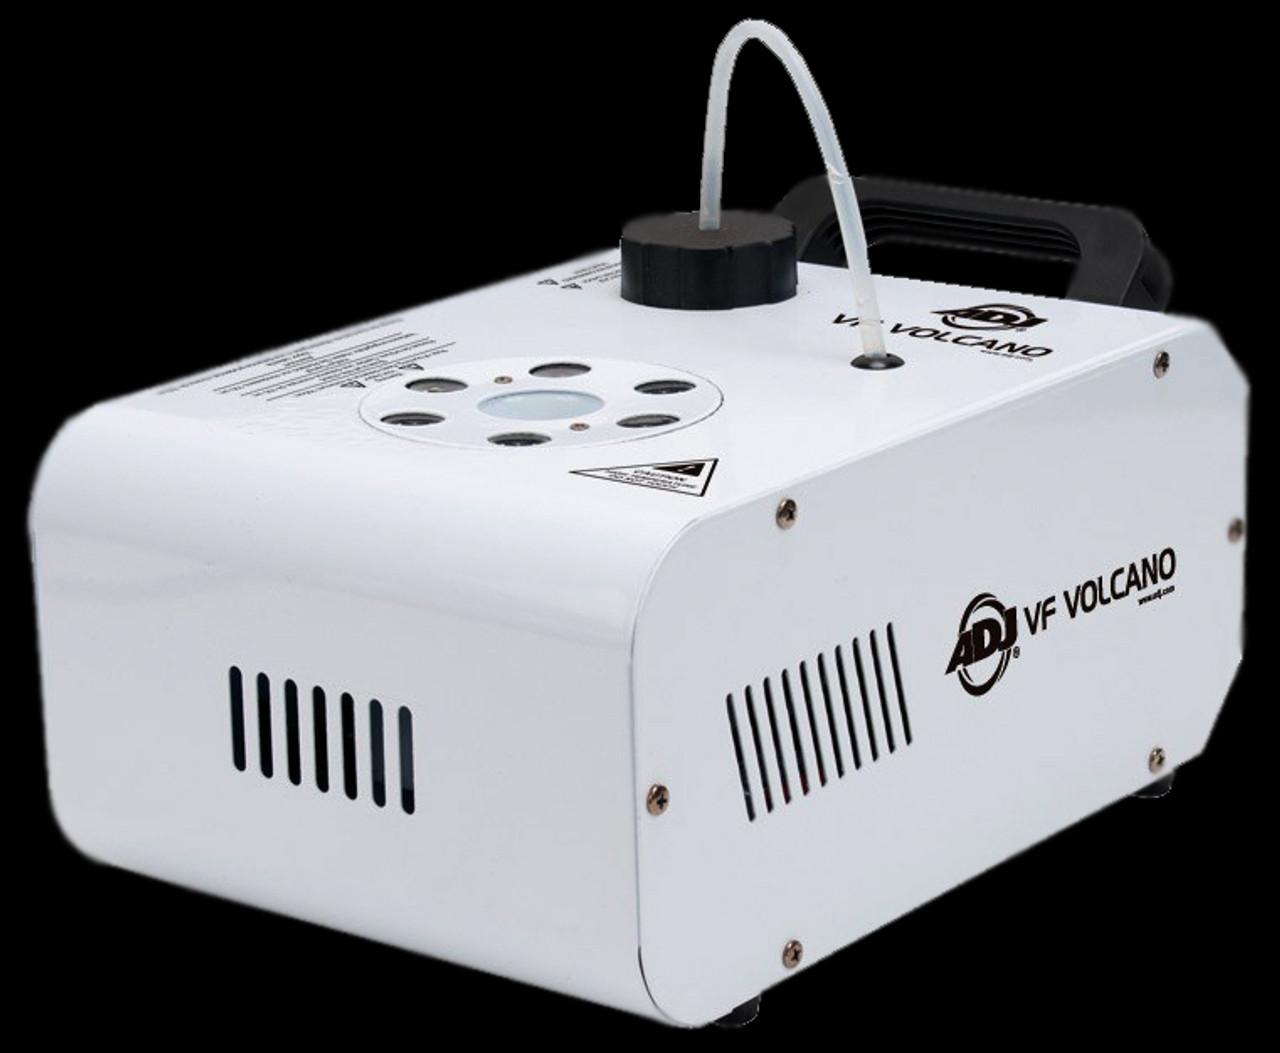 ADJ VF Volcano Vertical Fog Machine w/ LED Lighting Fog